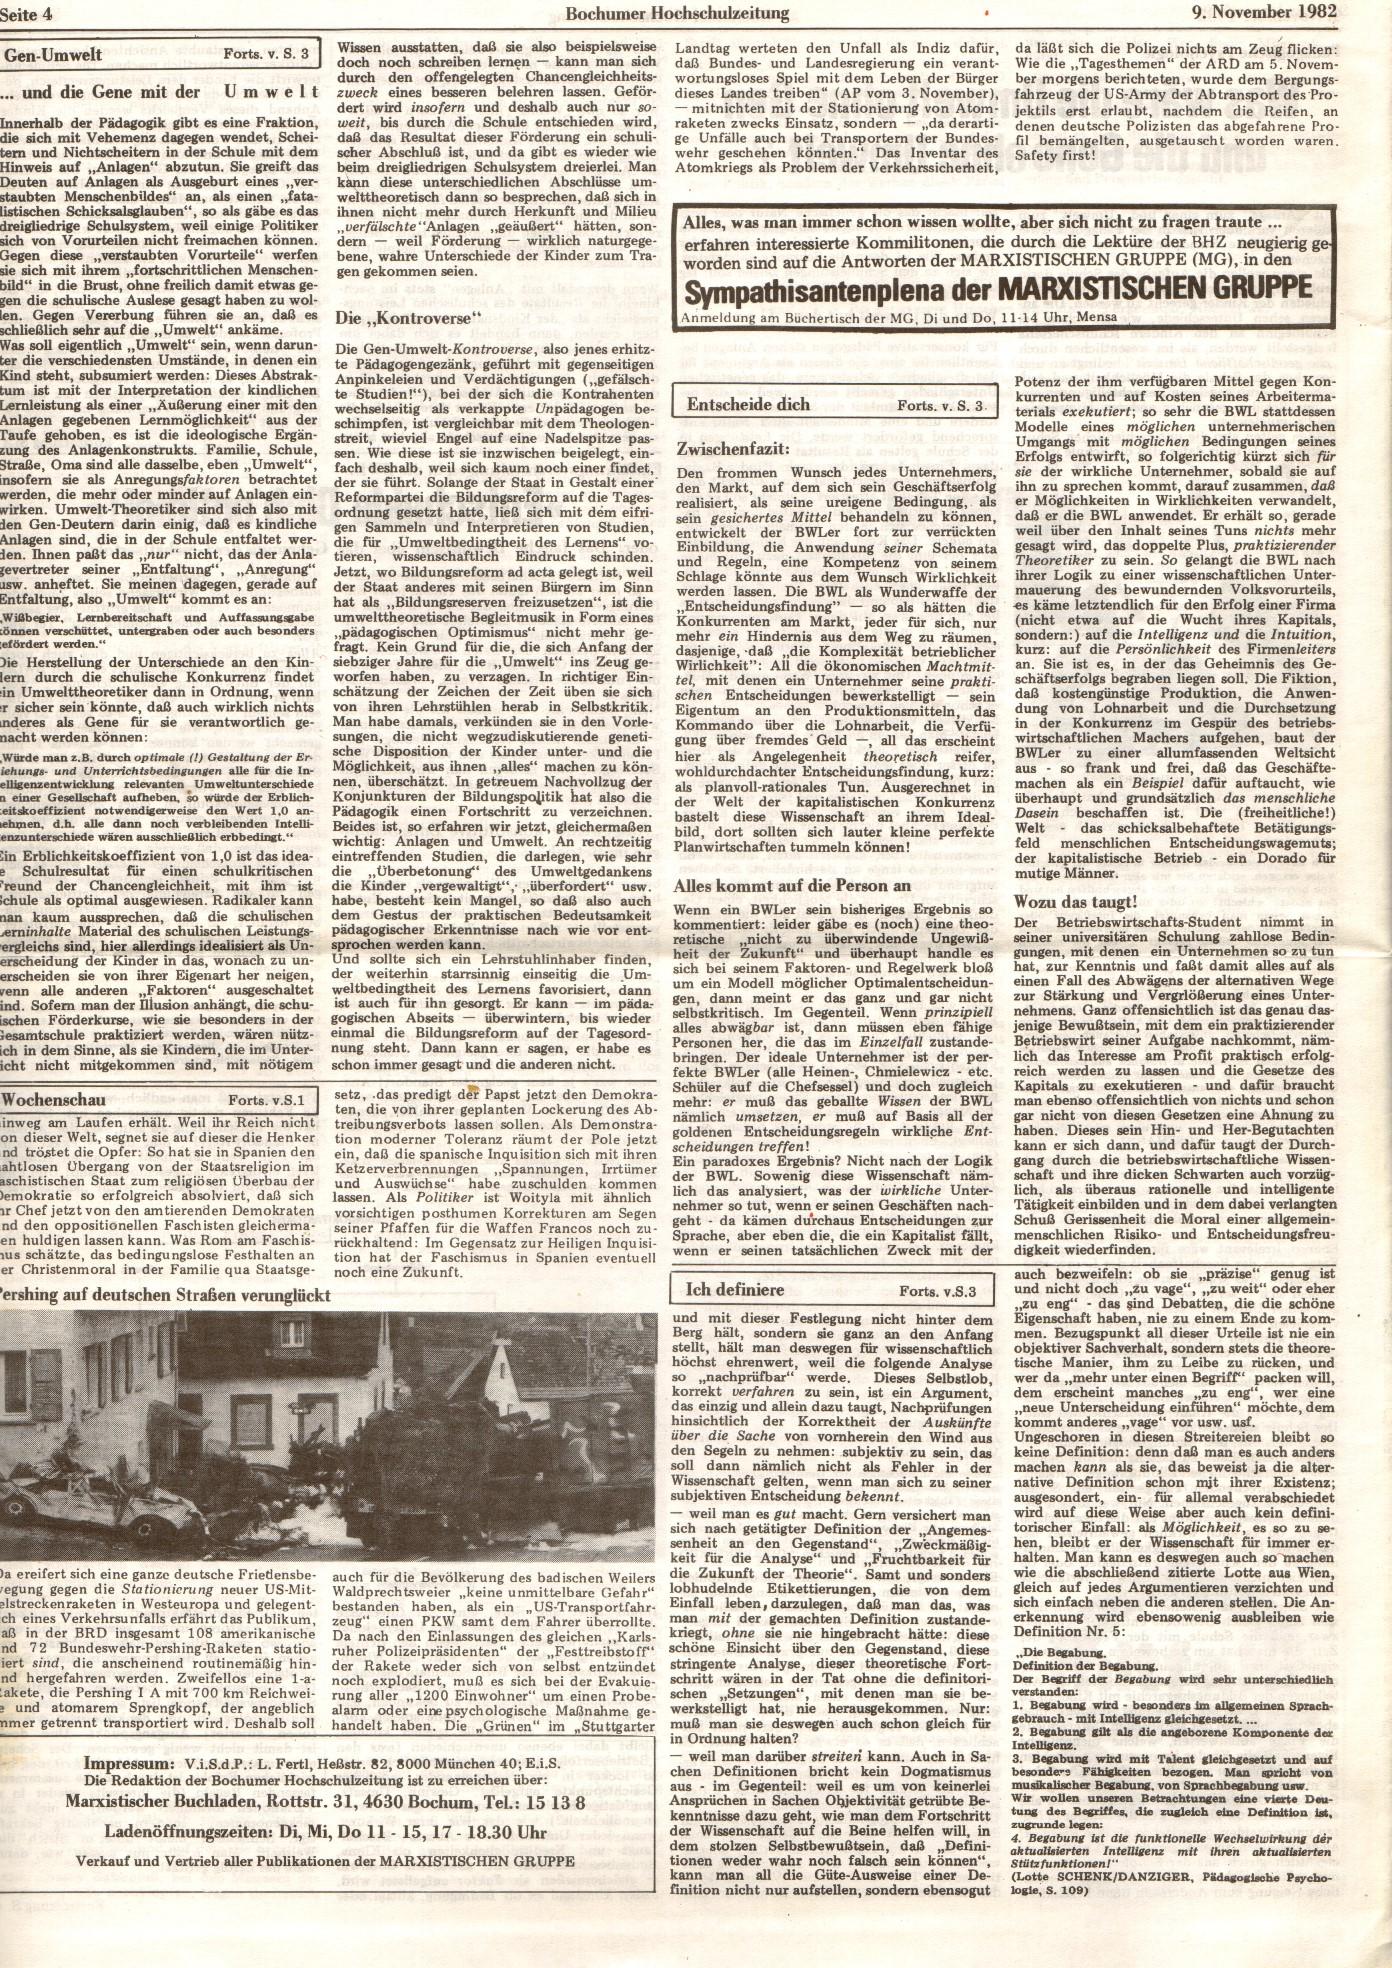 MG_Bochumer_Hochschulzeitung_19821109_04